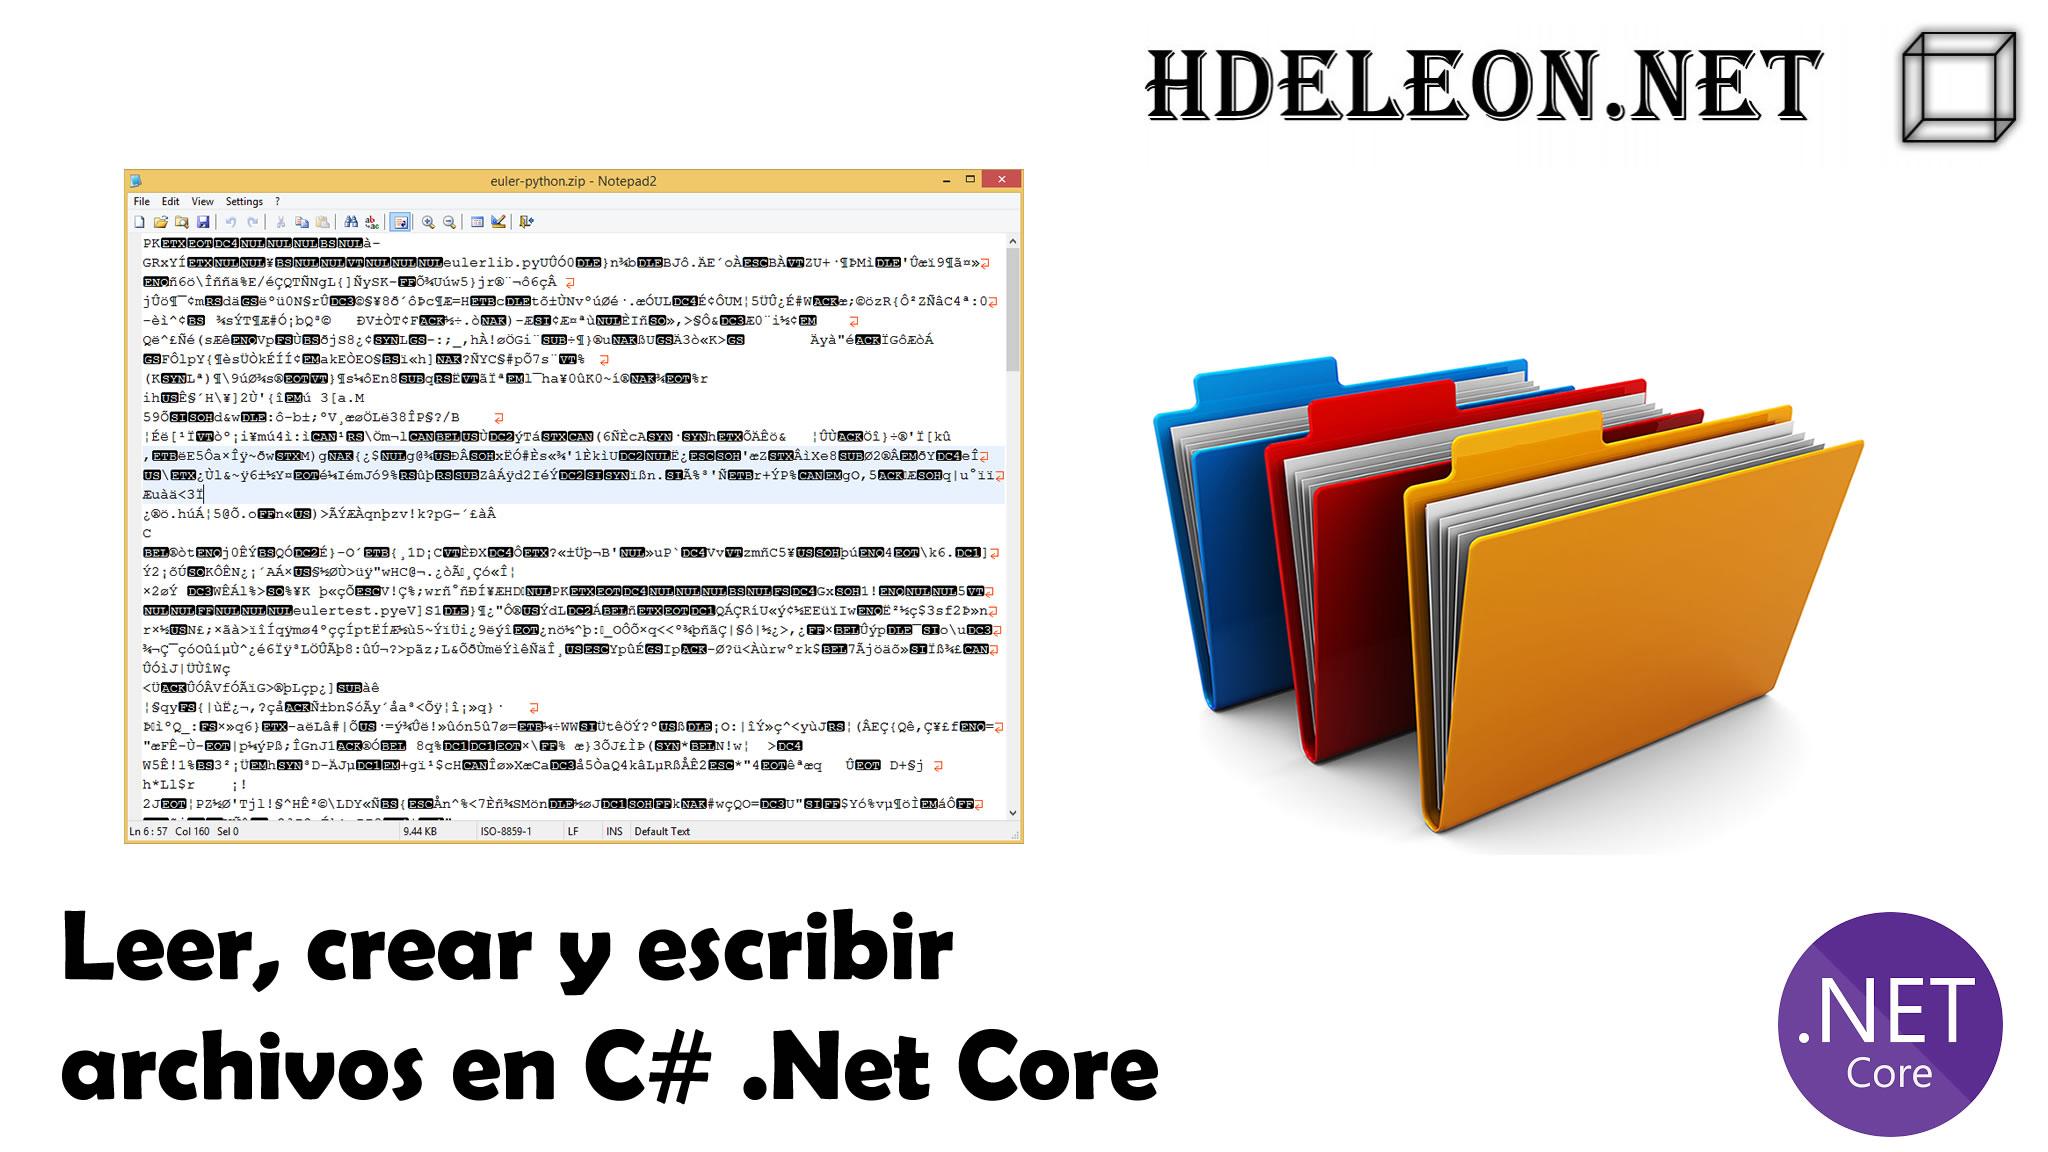 Leer, crear y escribir archivos en C# .Net Core